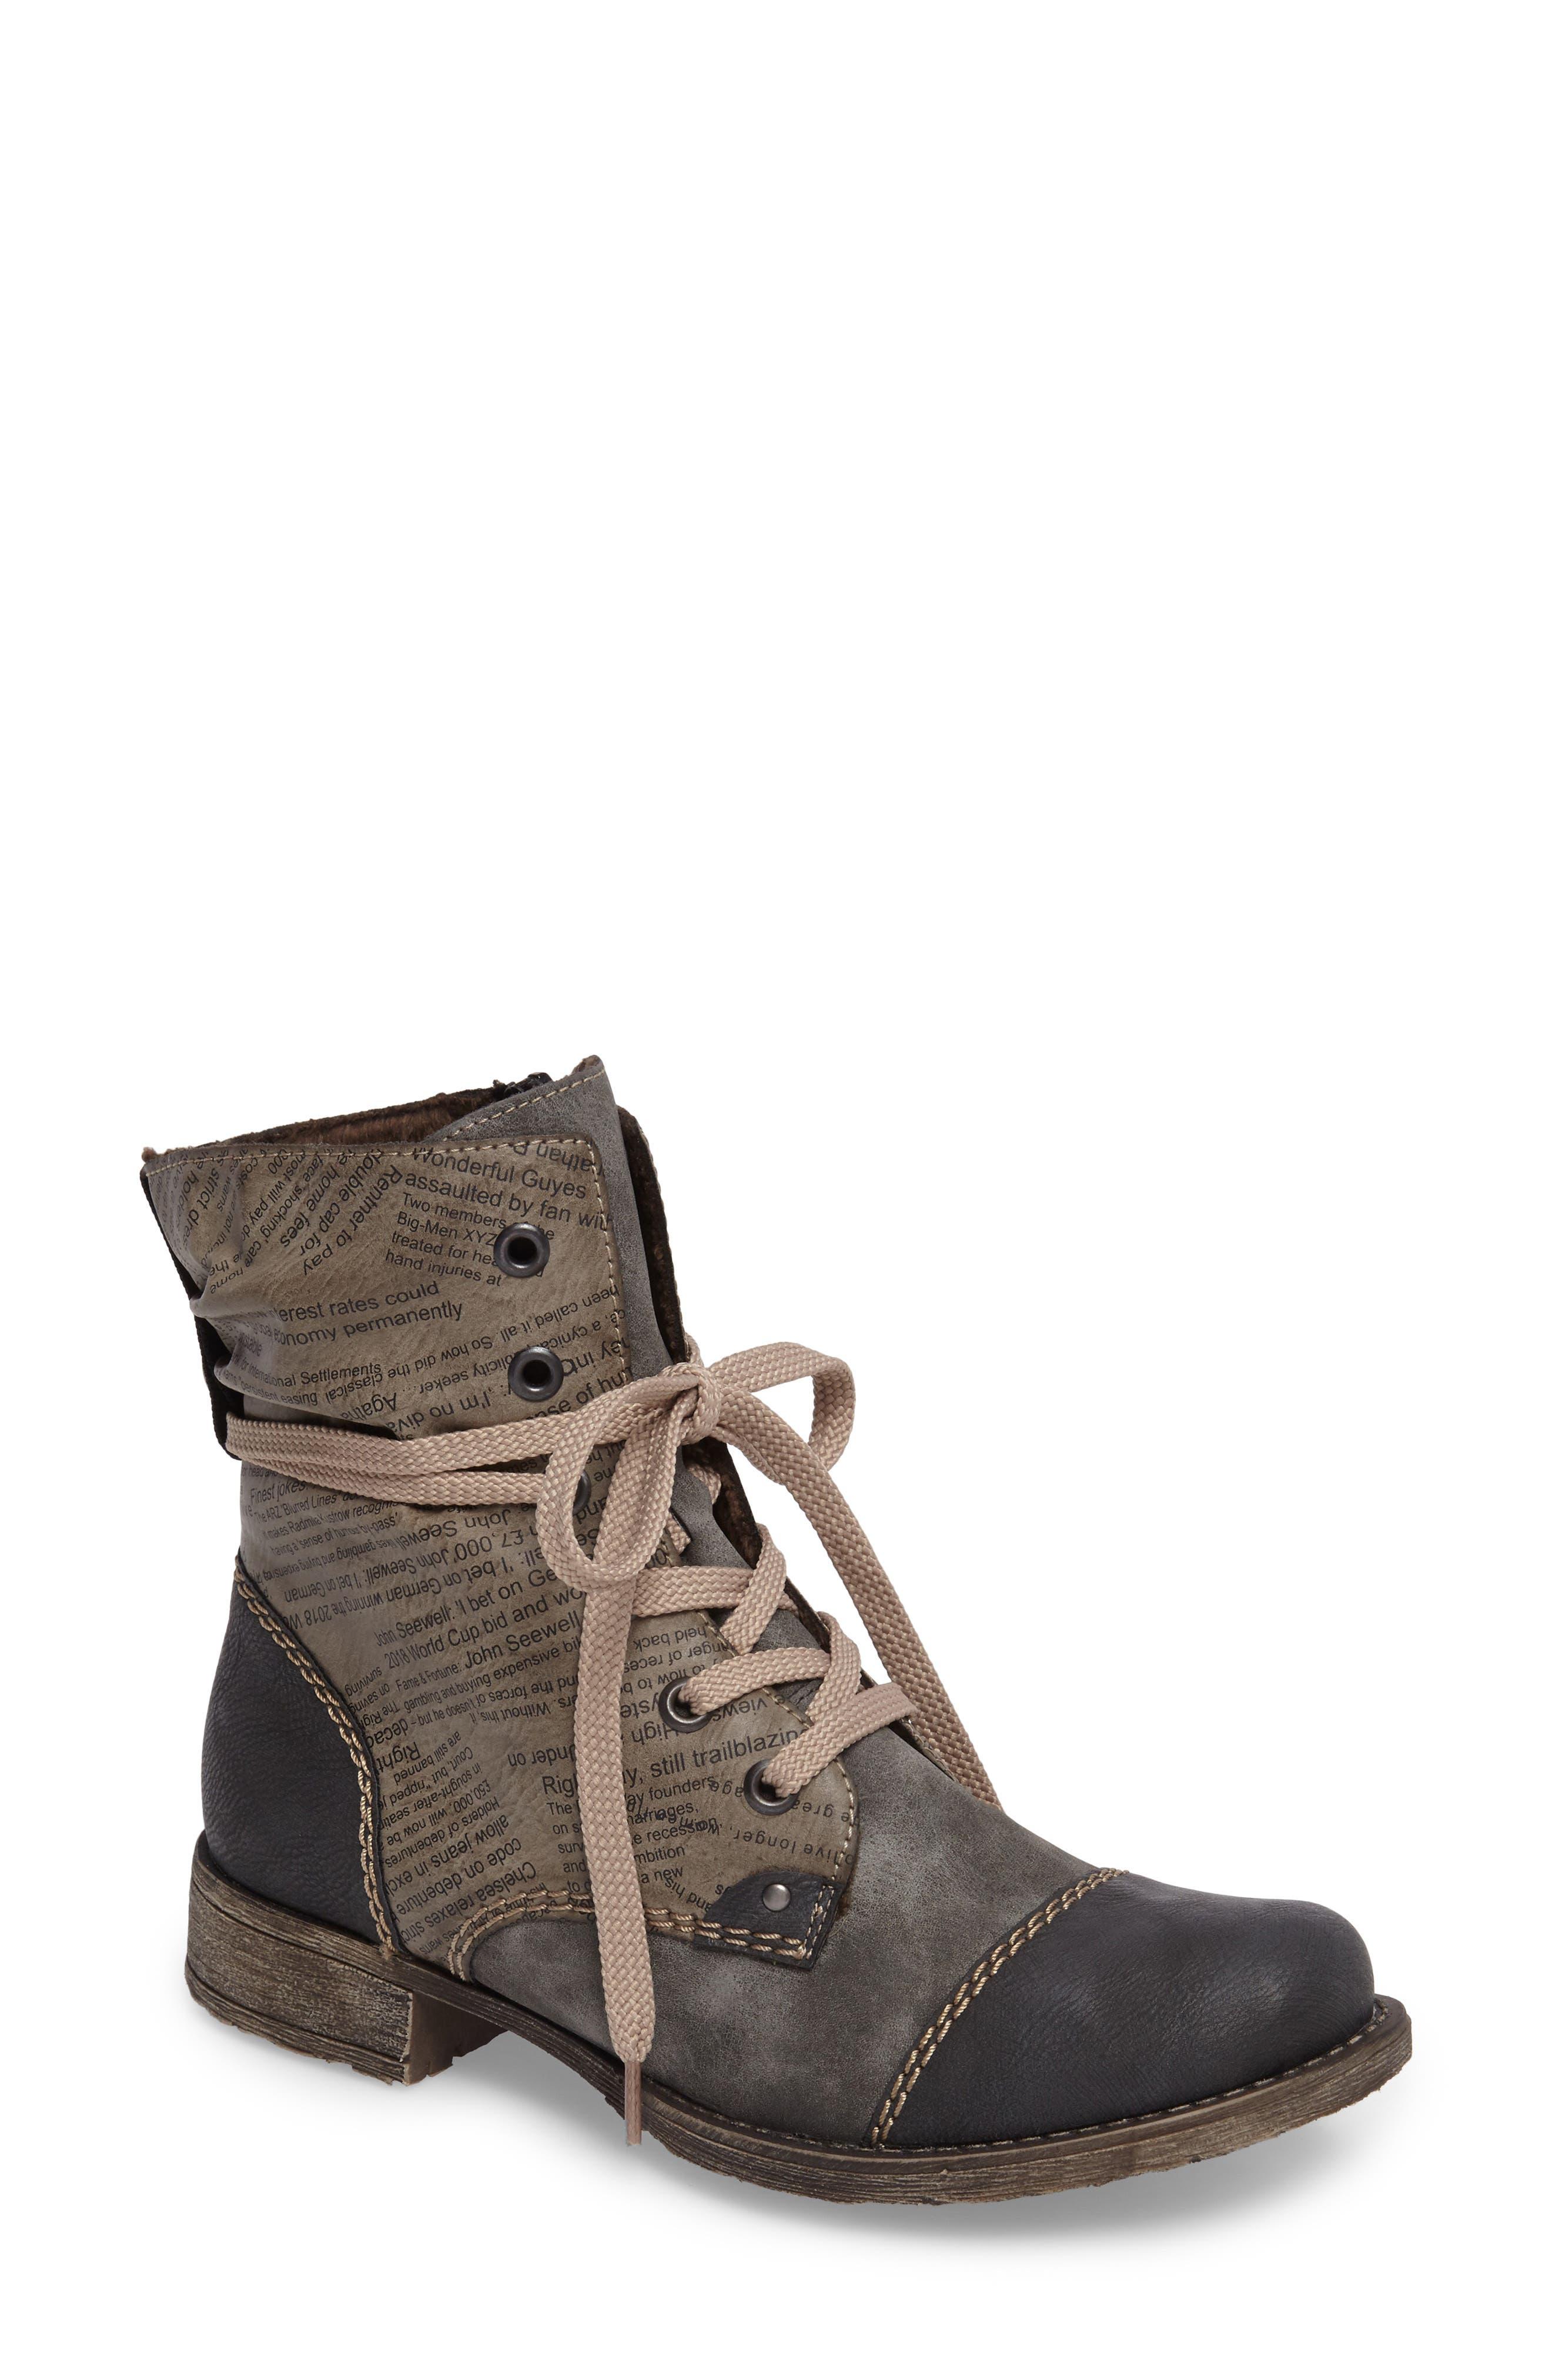 Rieker Antistress Payton 22 Lace-Up Boot